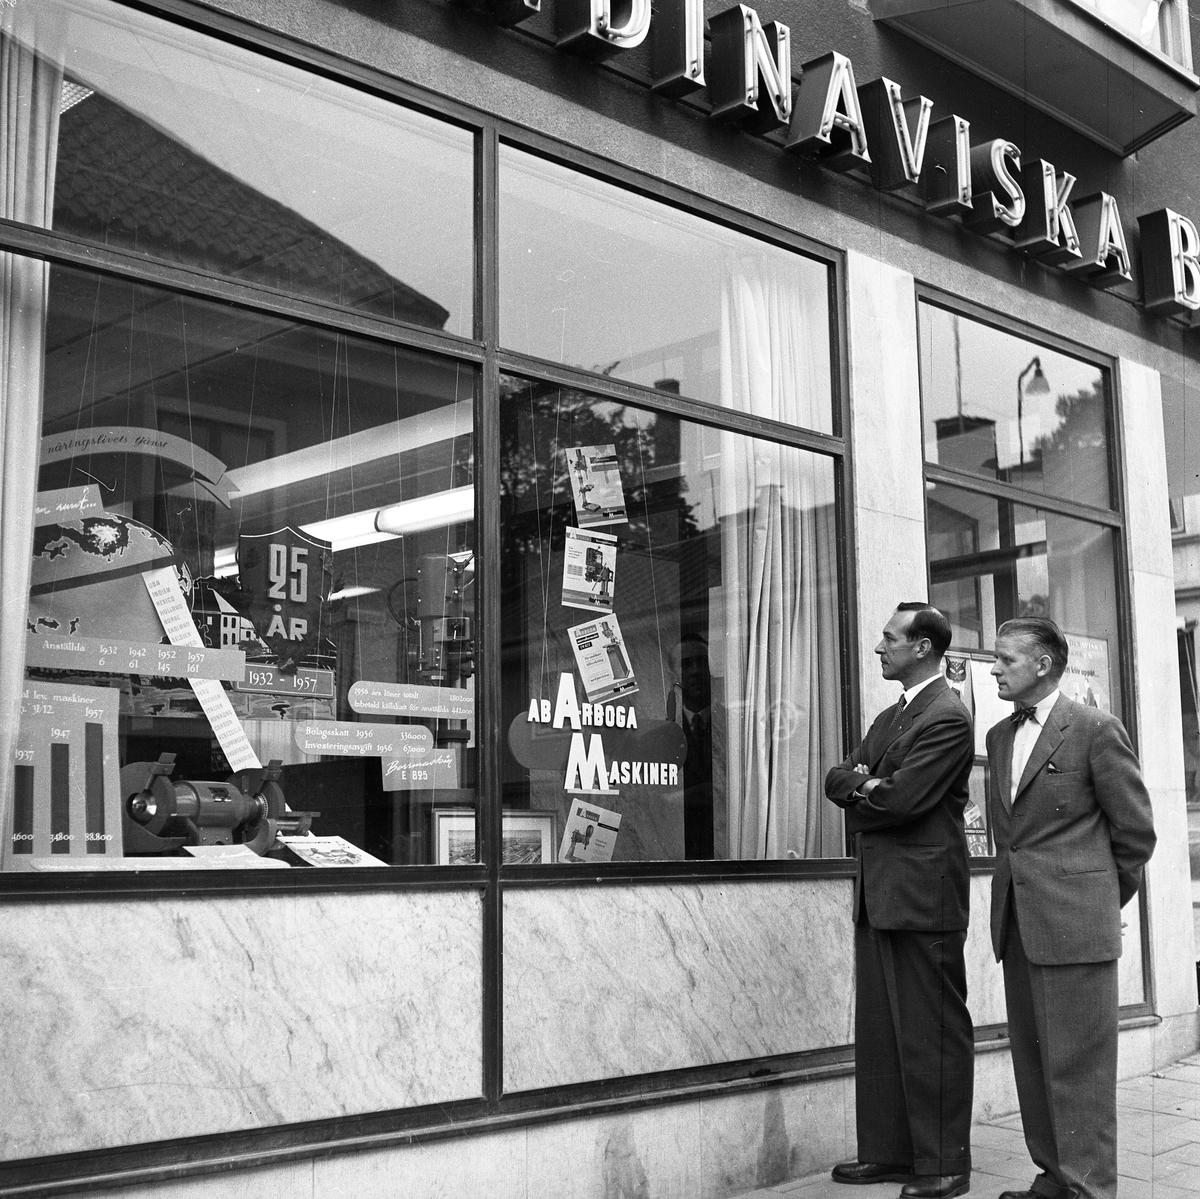 Arboga Maskiner 25 år Två kostymklädda män ser på en utställning om Arboga Maskiner. Utställningen visas i fönstret hos Skandinaviska Banken. Banken ligger i hörnet Järntorgsgatan - Nygatan, männen står på Nygatan. Direktör Hroar de la Cour till vänster och disponent Torsten Brüde till höger. Arboga Maskiner startade 1932 och tillverkar borr-och slipmaskiner.  Denna bild finns med i Reinhold Carlssons bok Arboga objektivt sett.